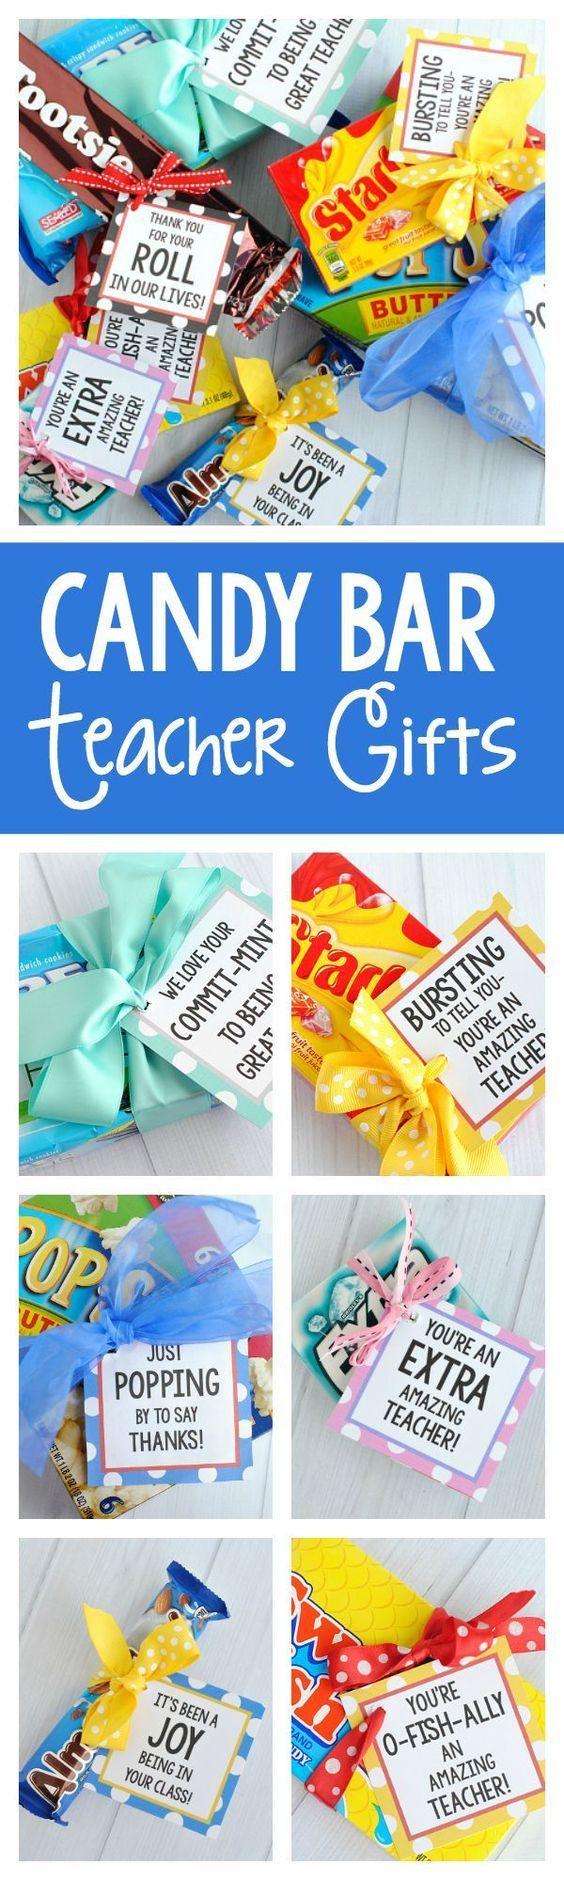 17 Best Ideas About Candy Bar Gifts On Pinterest Teacher